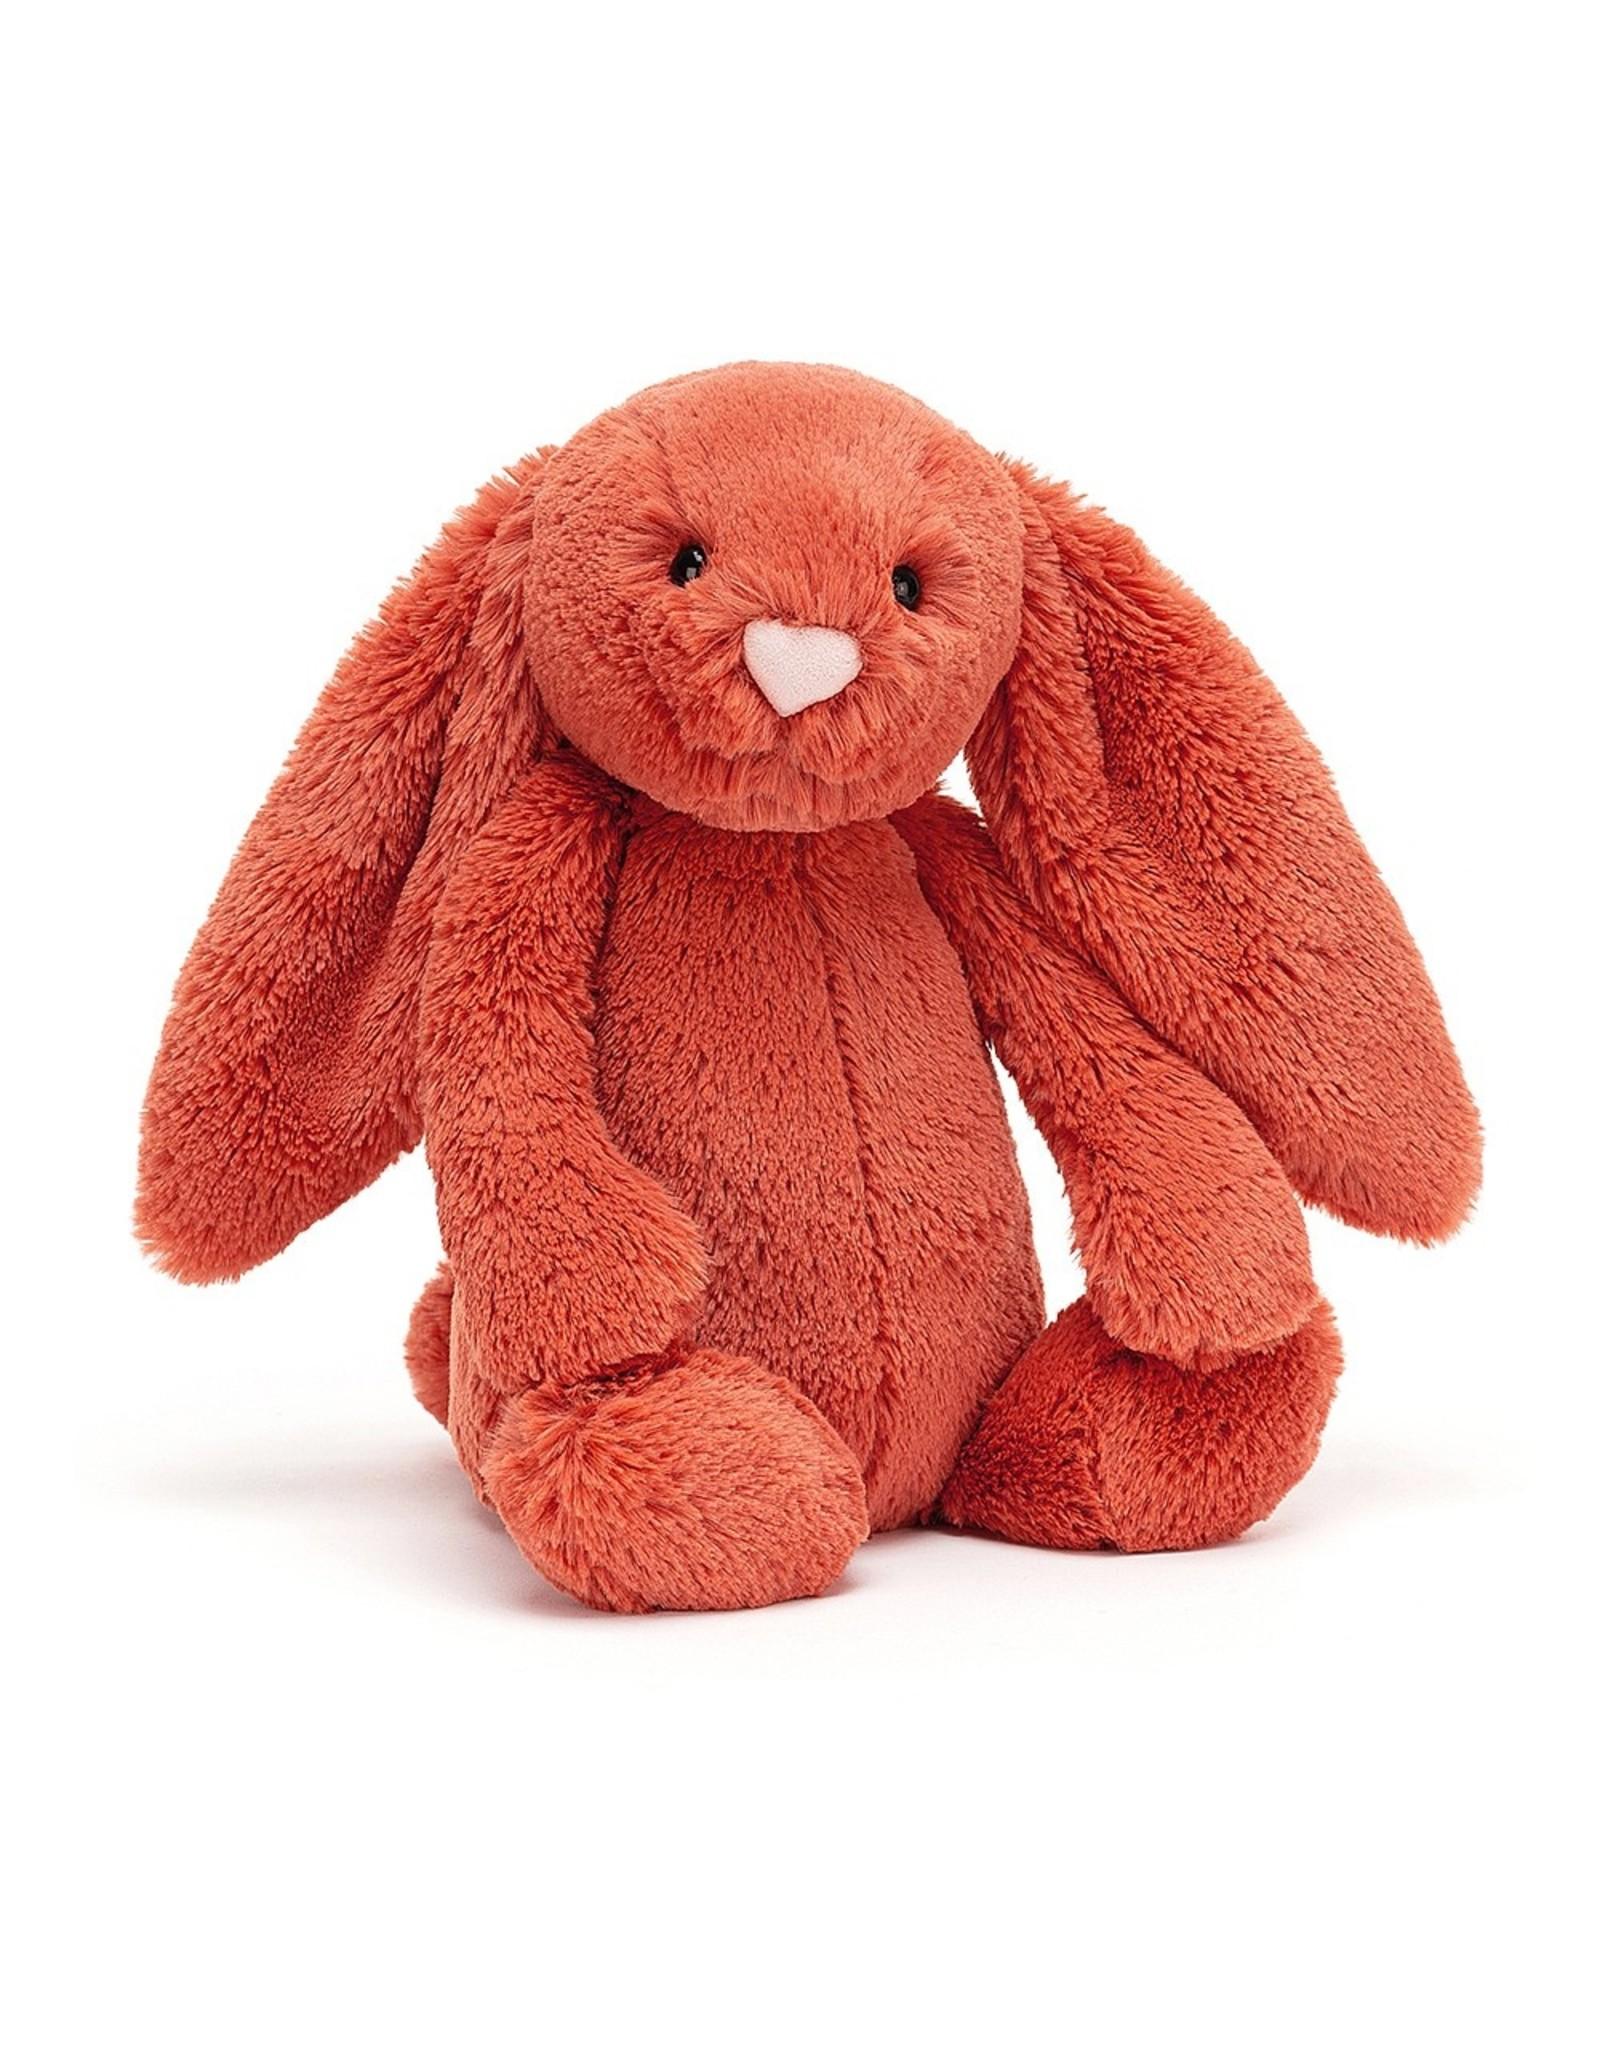 Jellycat Bashful bunny Cinnamon Medium